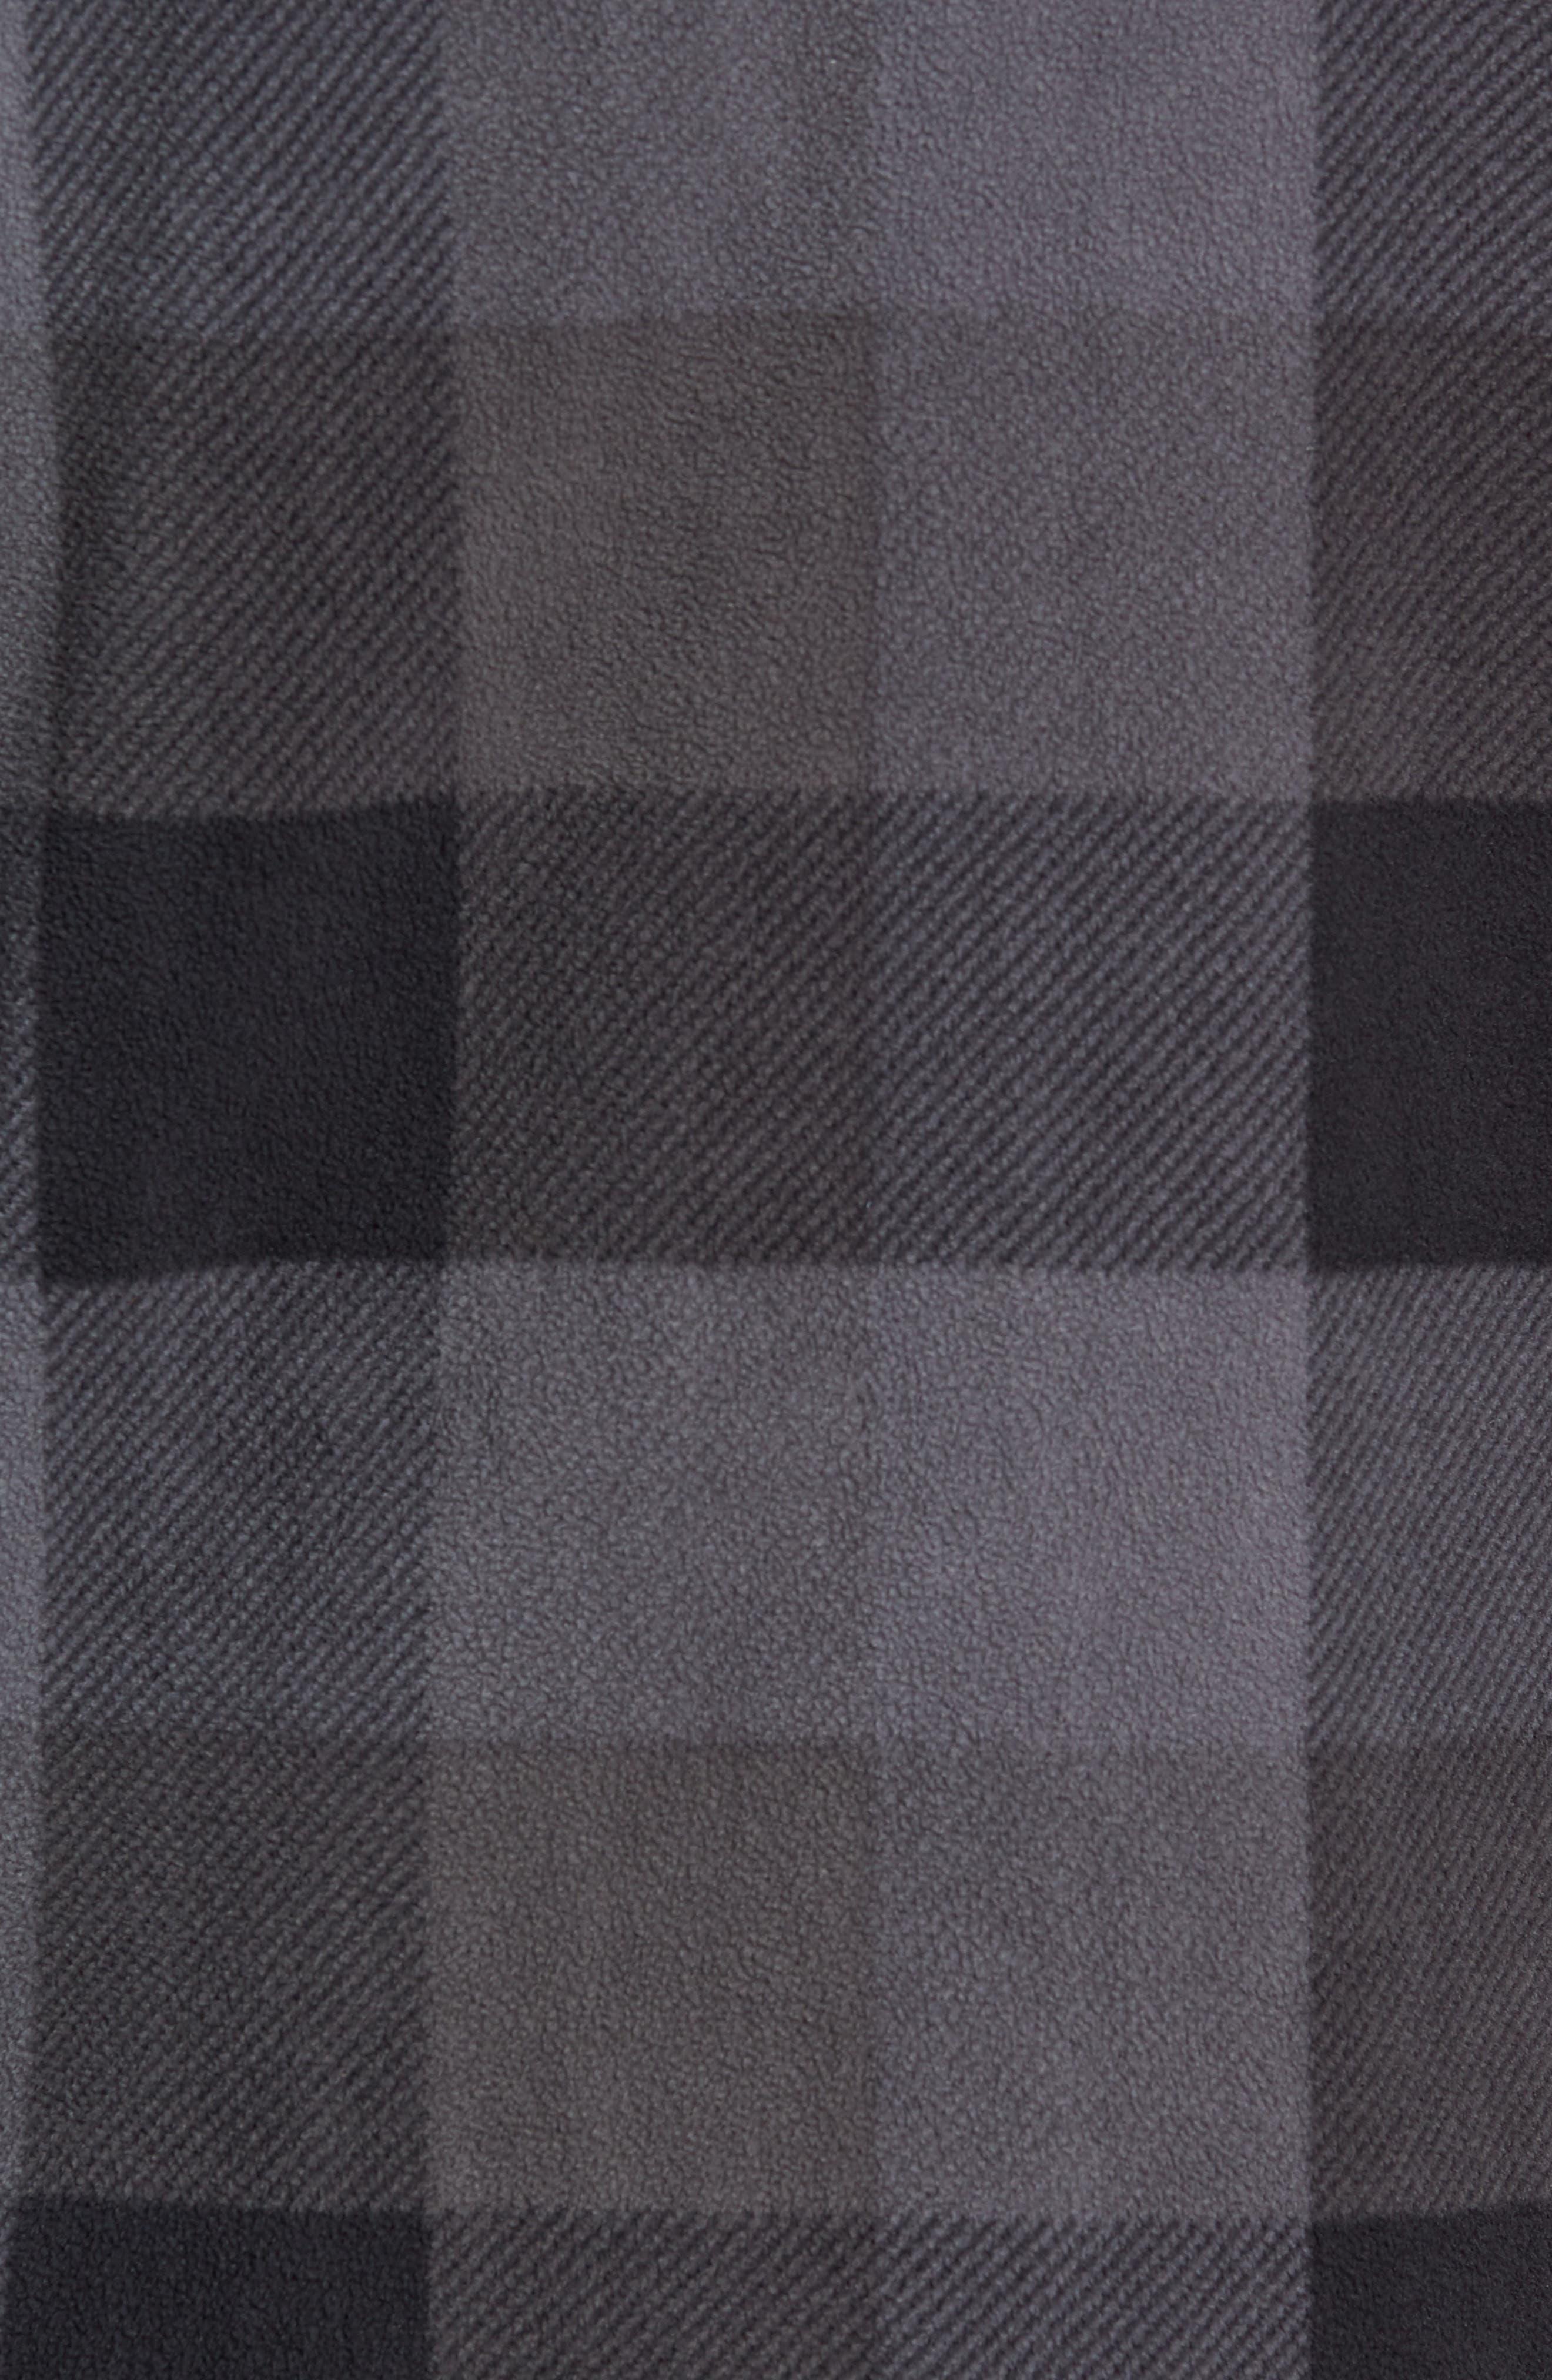 Hillcrest Polar Fleece Shirt Jacket,                             Alternate thumbnail 5, color,                             BLACK/ CHARCOAL